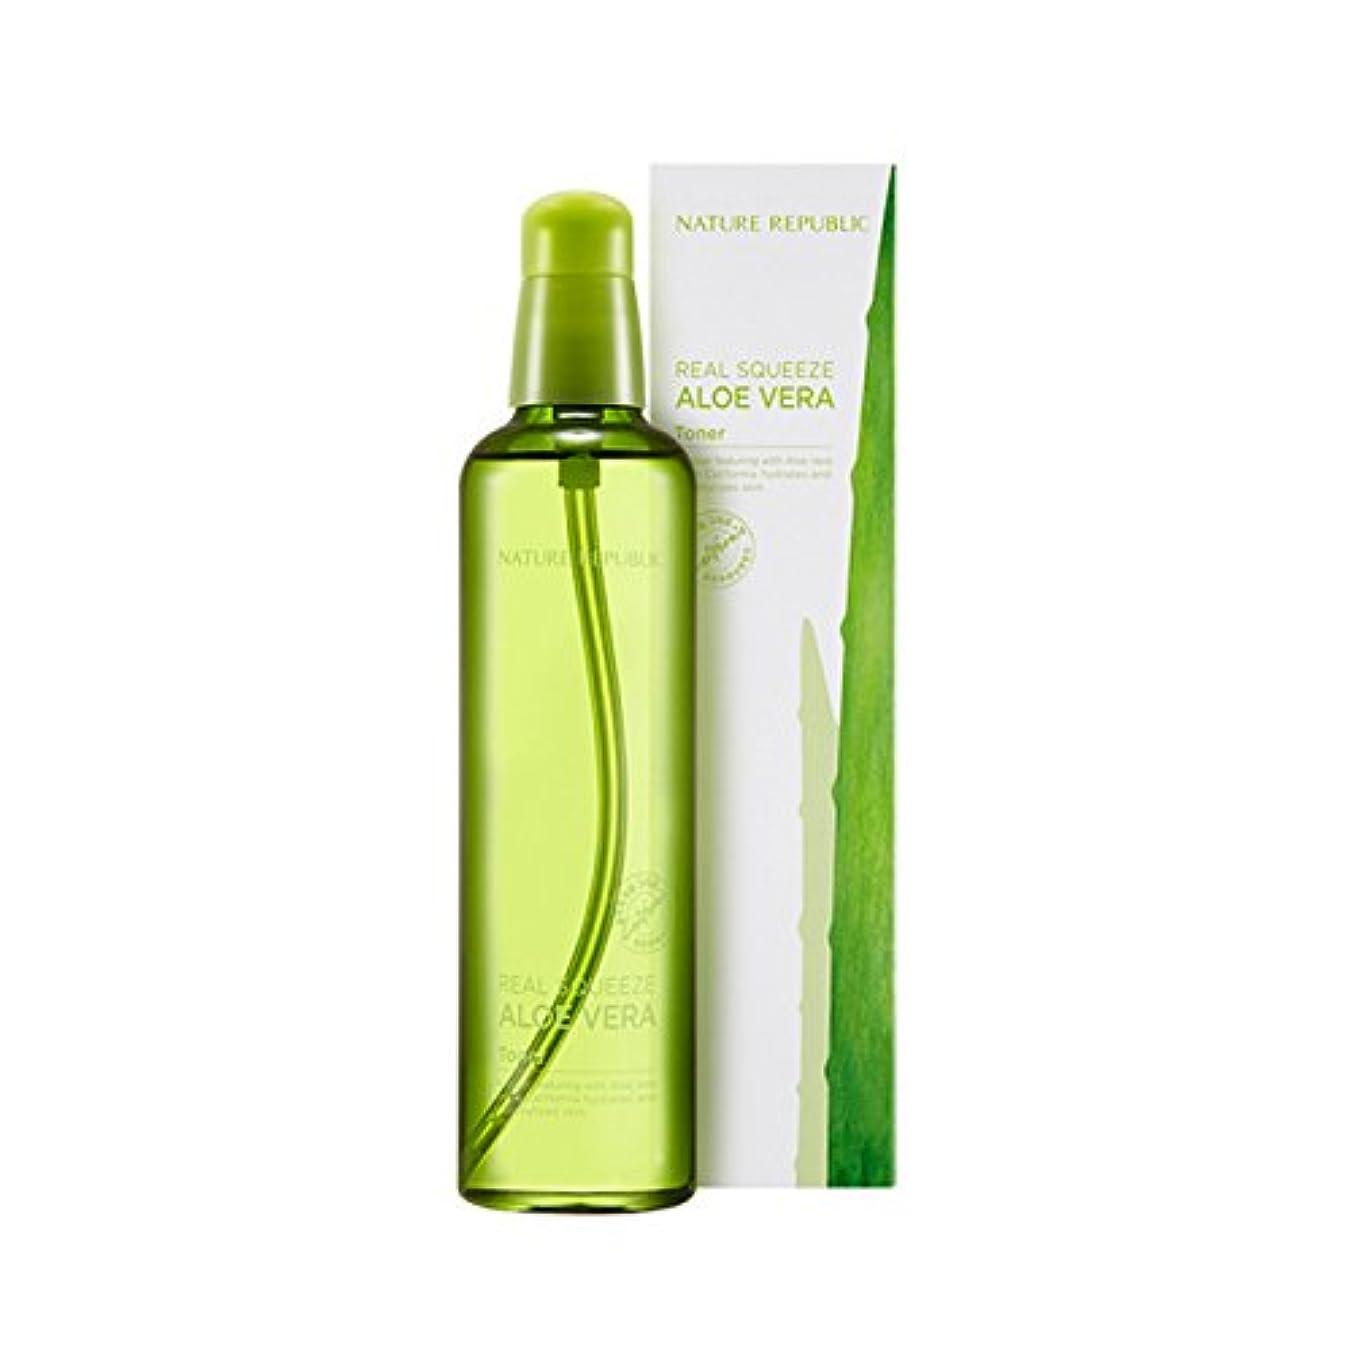 [ネイチャーリパブリック] Nature Republic リアルスクイーズアロエベラエマルジョントナー Real Squeeze Aloe Vera Emulsion Toner (Toner) [並行輸入品]